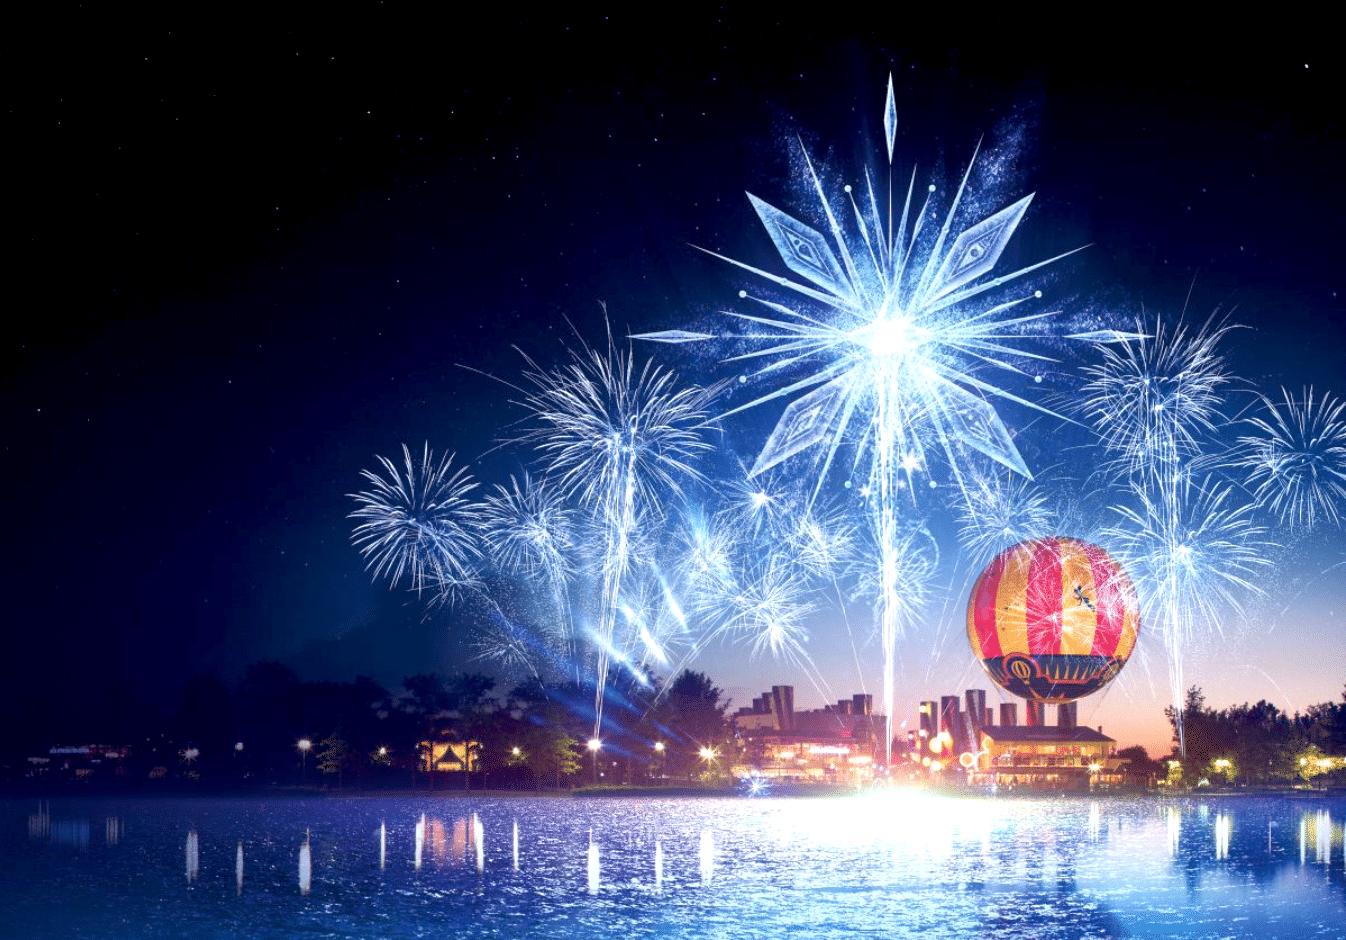 Un show son et lumières GRATUIT dédié à La Reine des Neiges donné sur le Lac de Disney !